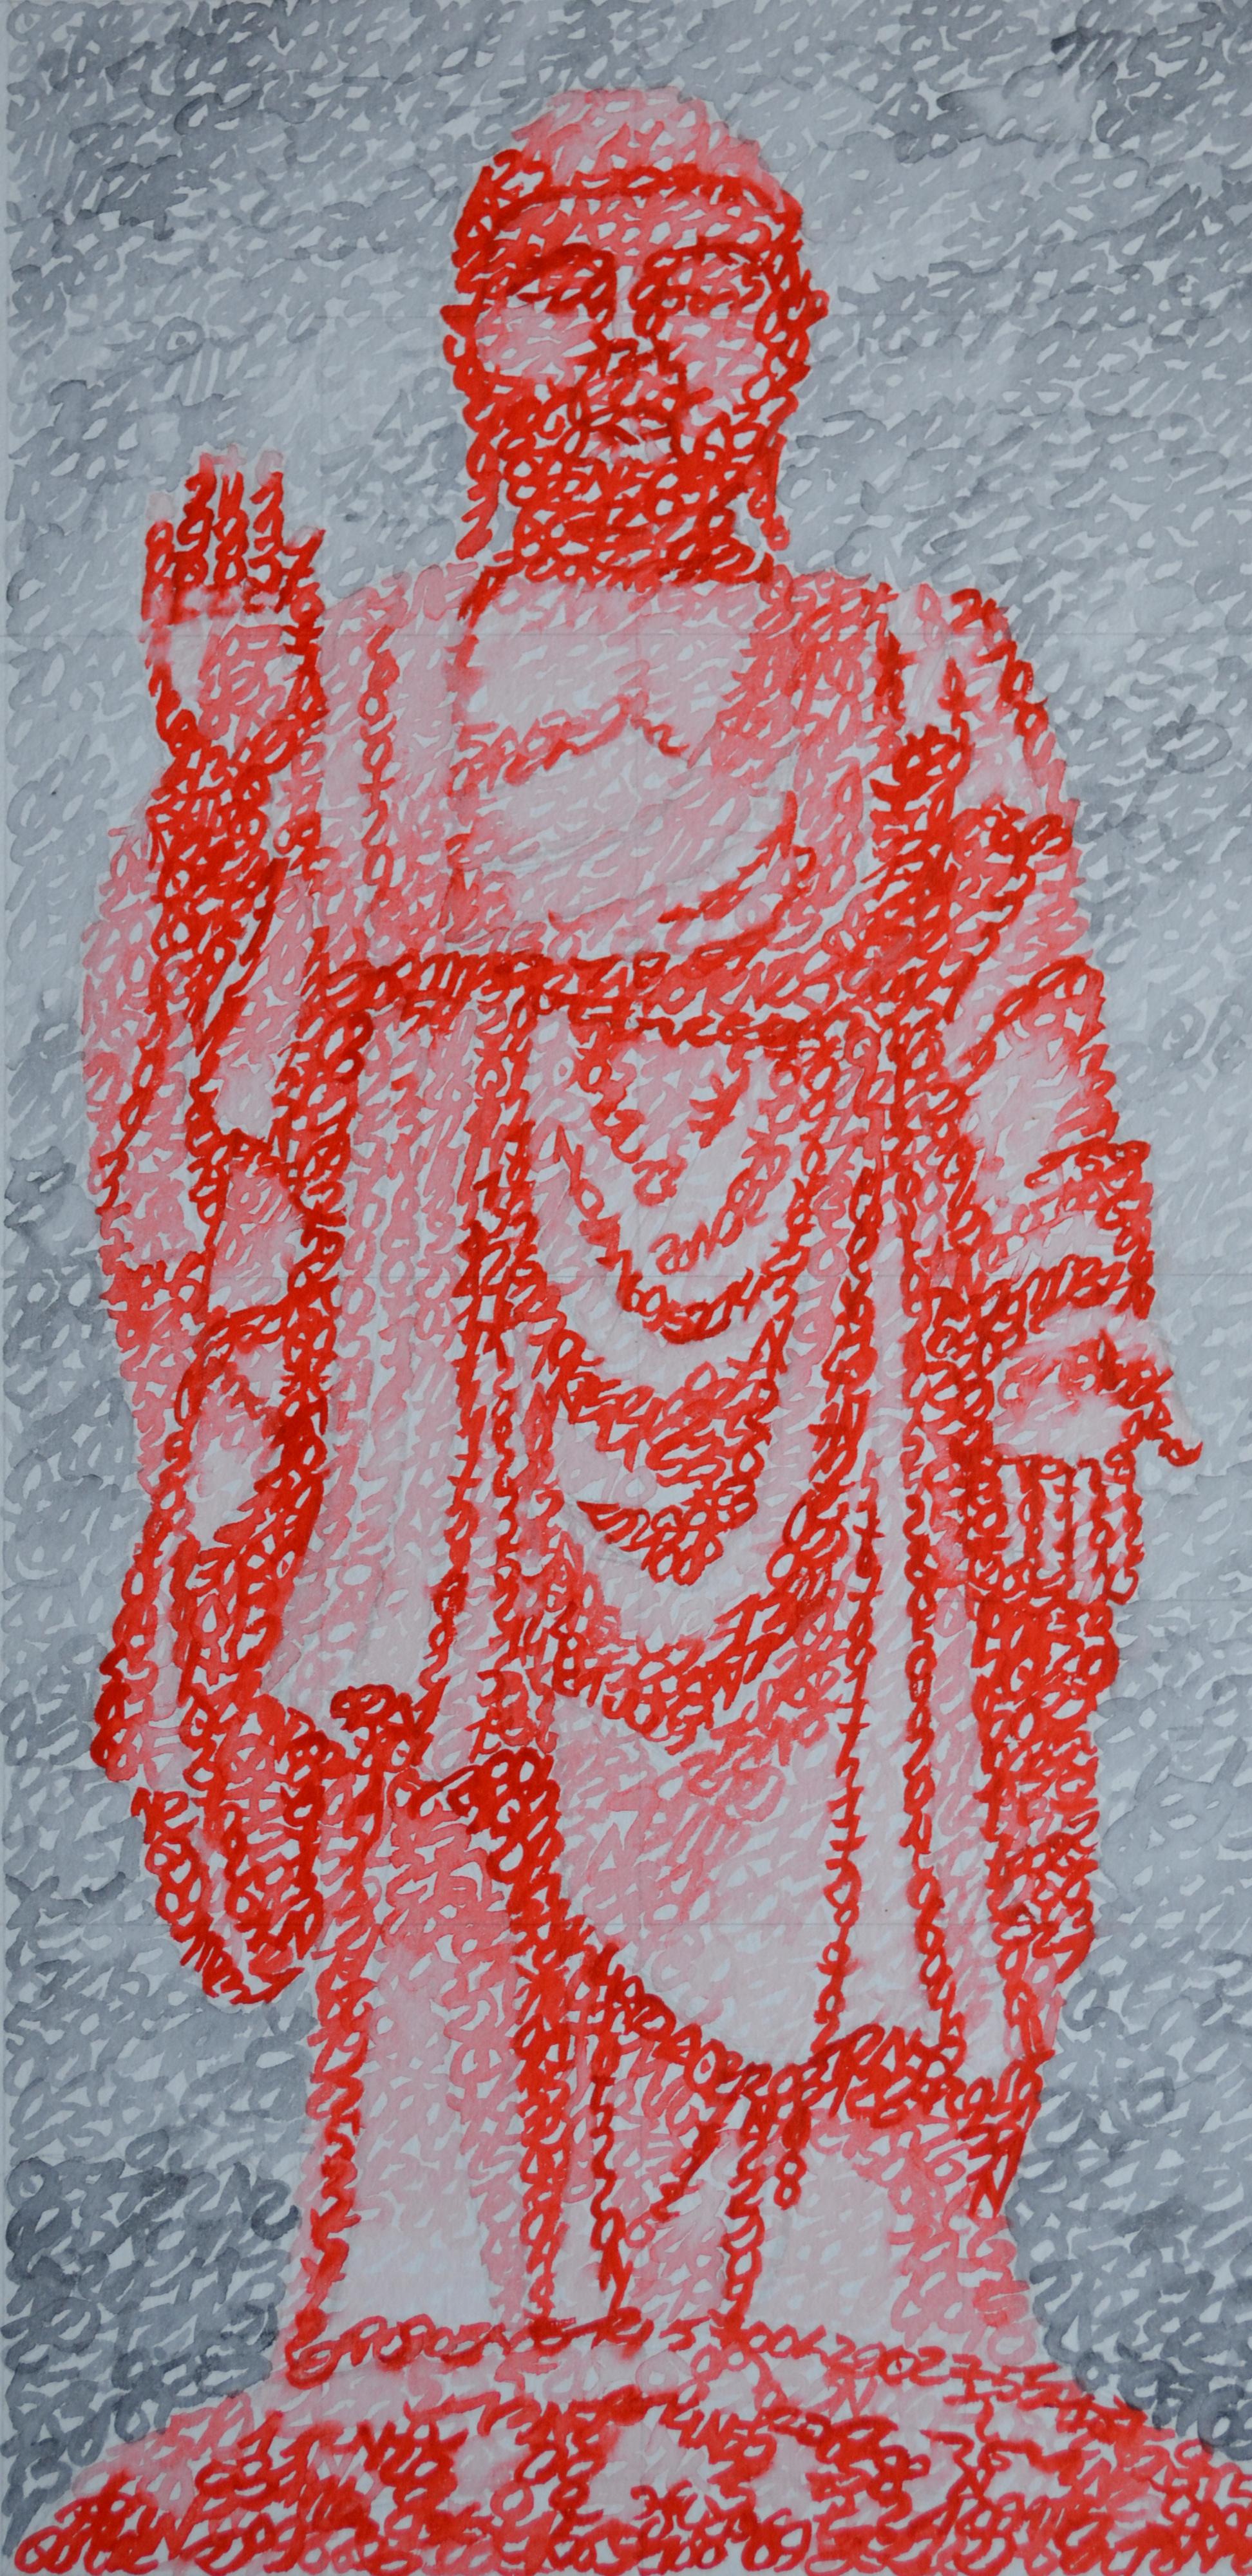 Covid-19, la Chine, Grand Bouddha de Ling Shan, 20.08.2020, aquarelle sur papier, 44 x 21 cm. Représentation du Bouddha de Ling Shan par la notation de la position des planètes le 20 août 2020.